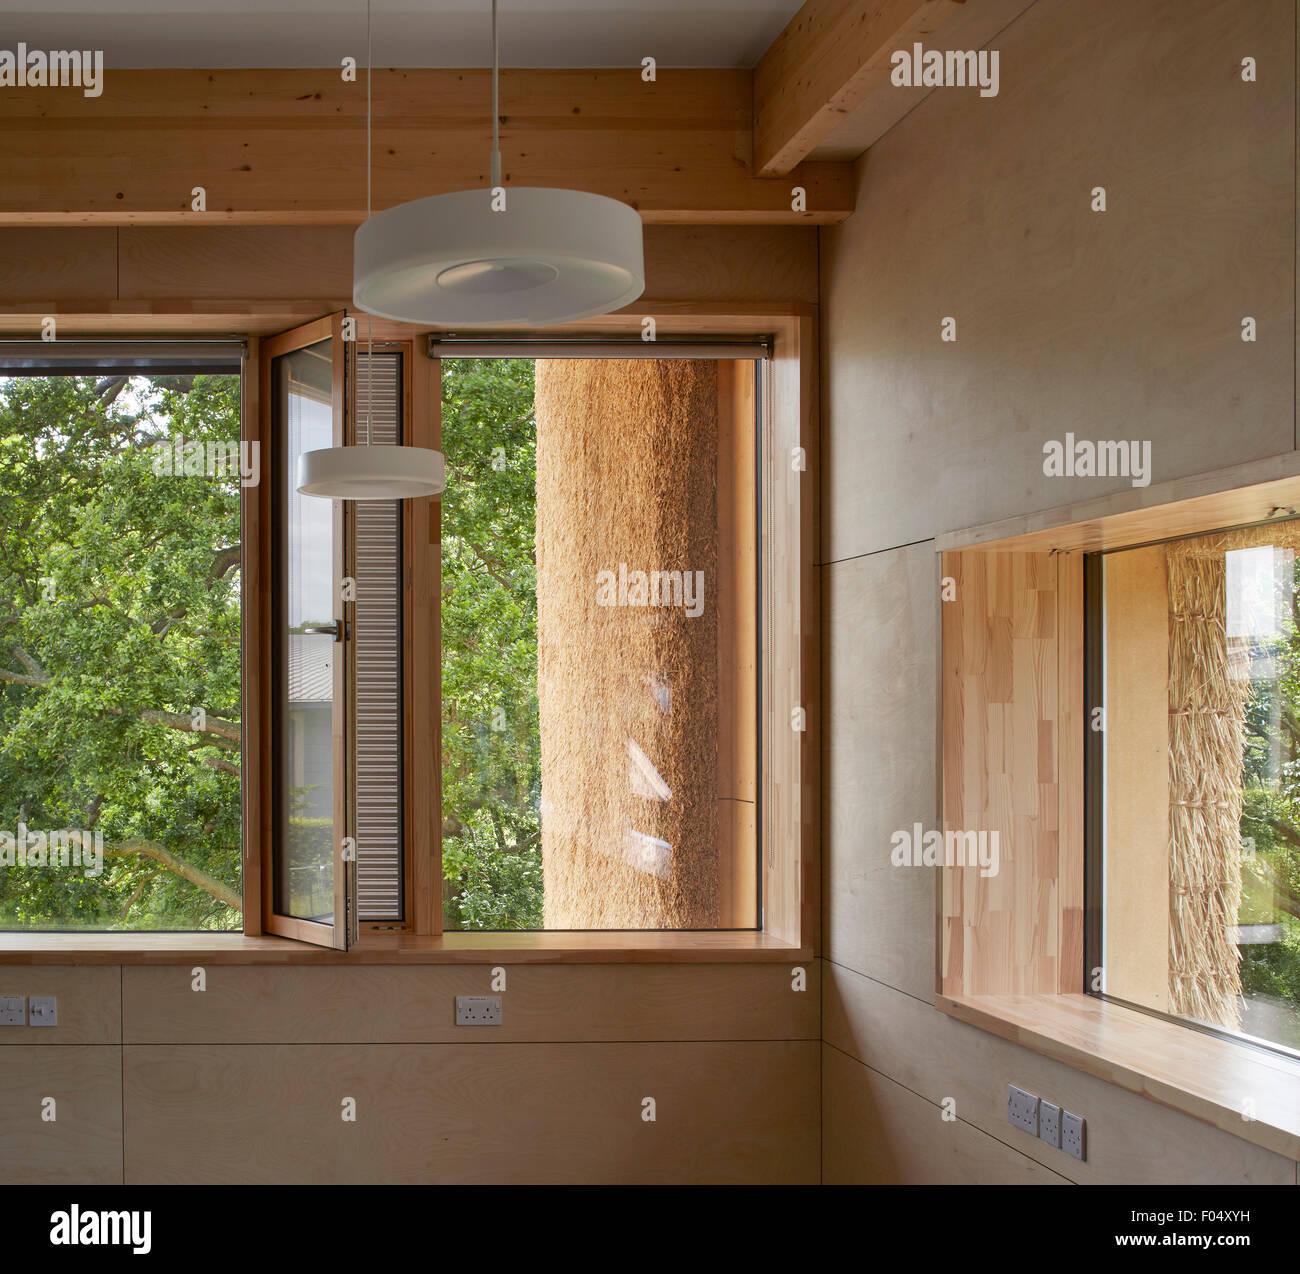 Dreifach Verglaste Fenster dreifach verglaste fenster mit mechanischer belüftung das